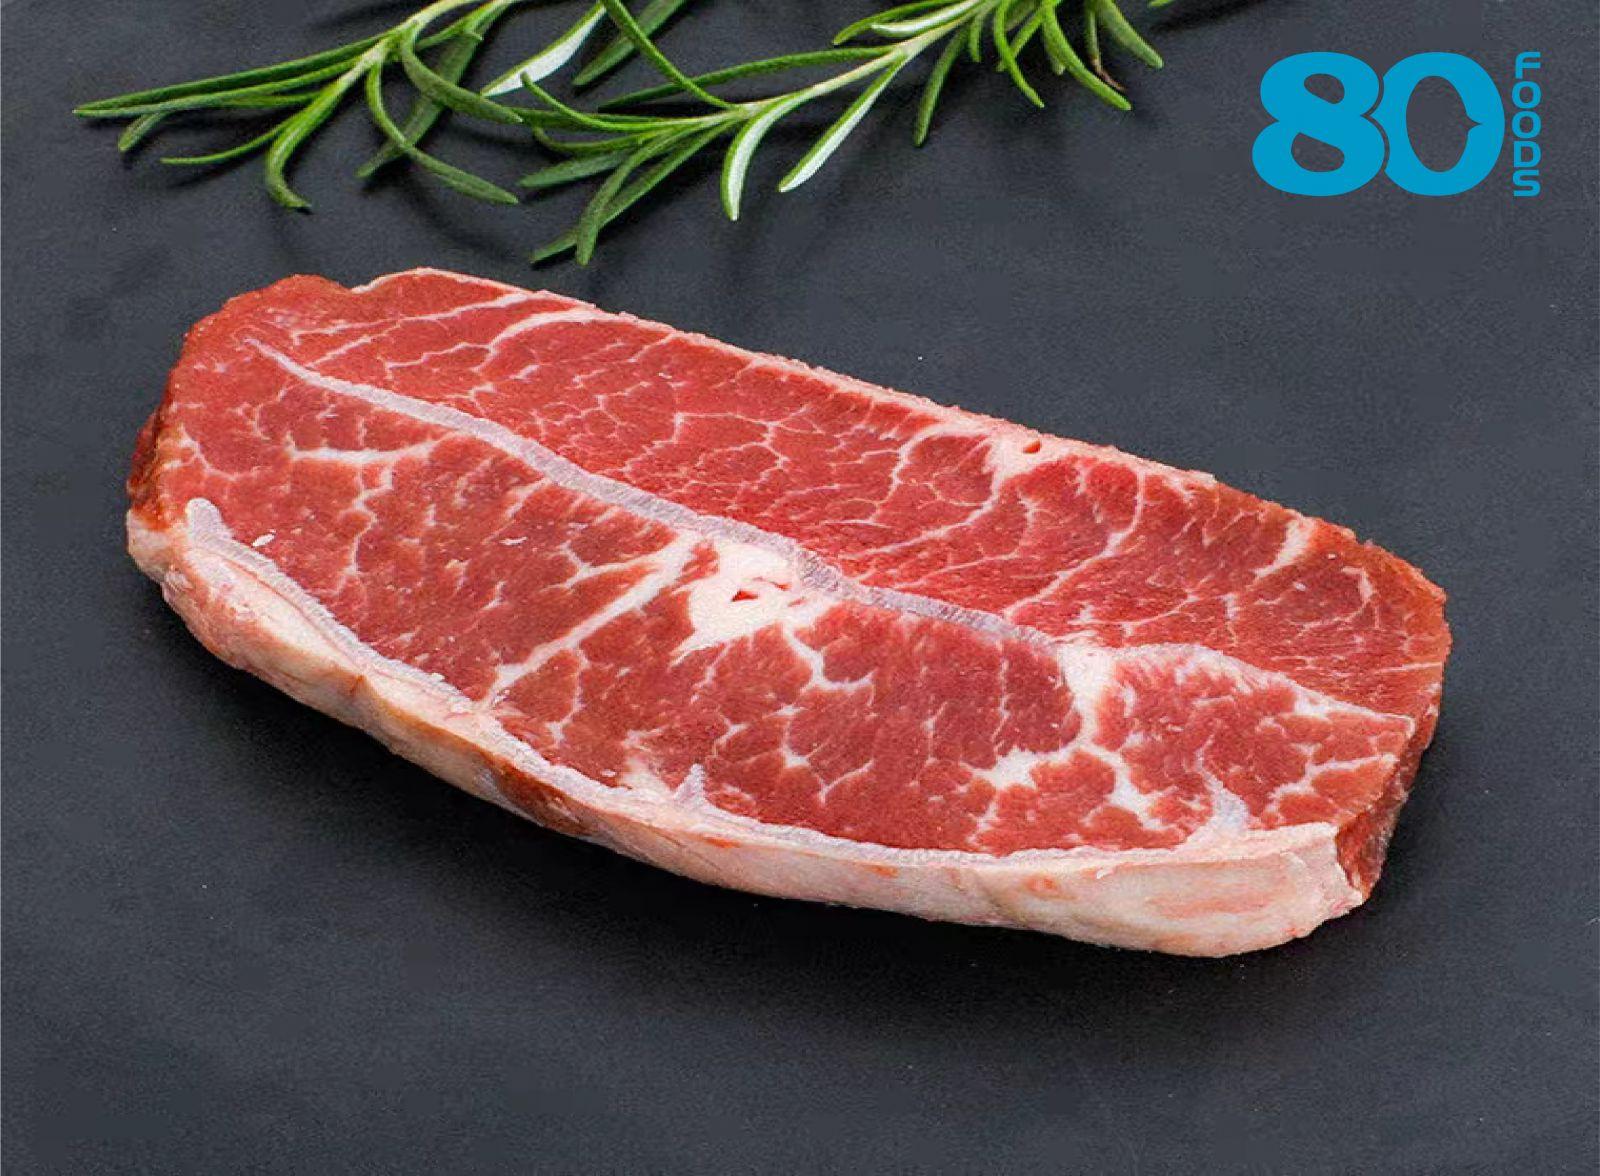 Lõi vai bò mỹ cắt nướng (500gram)